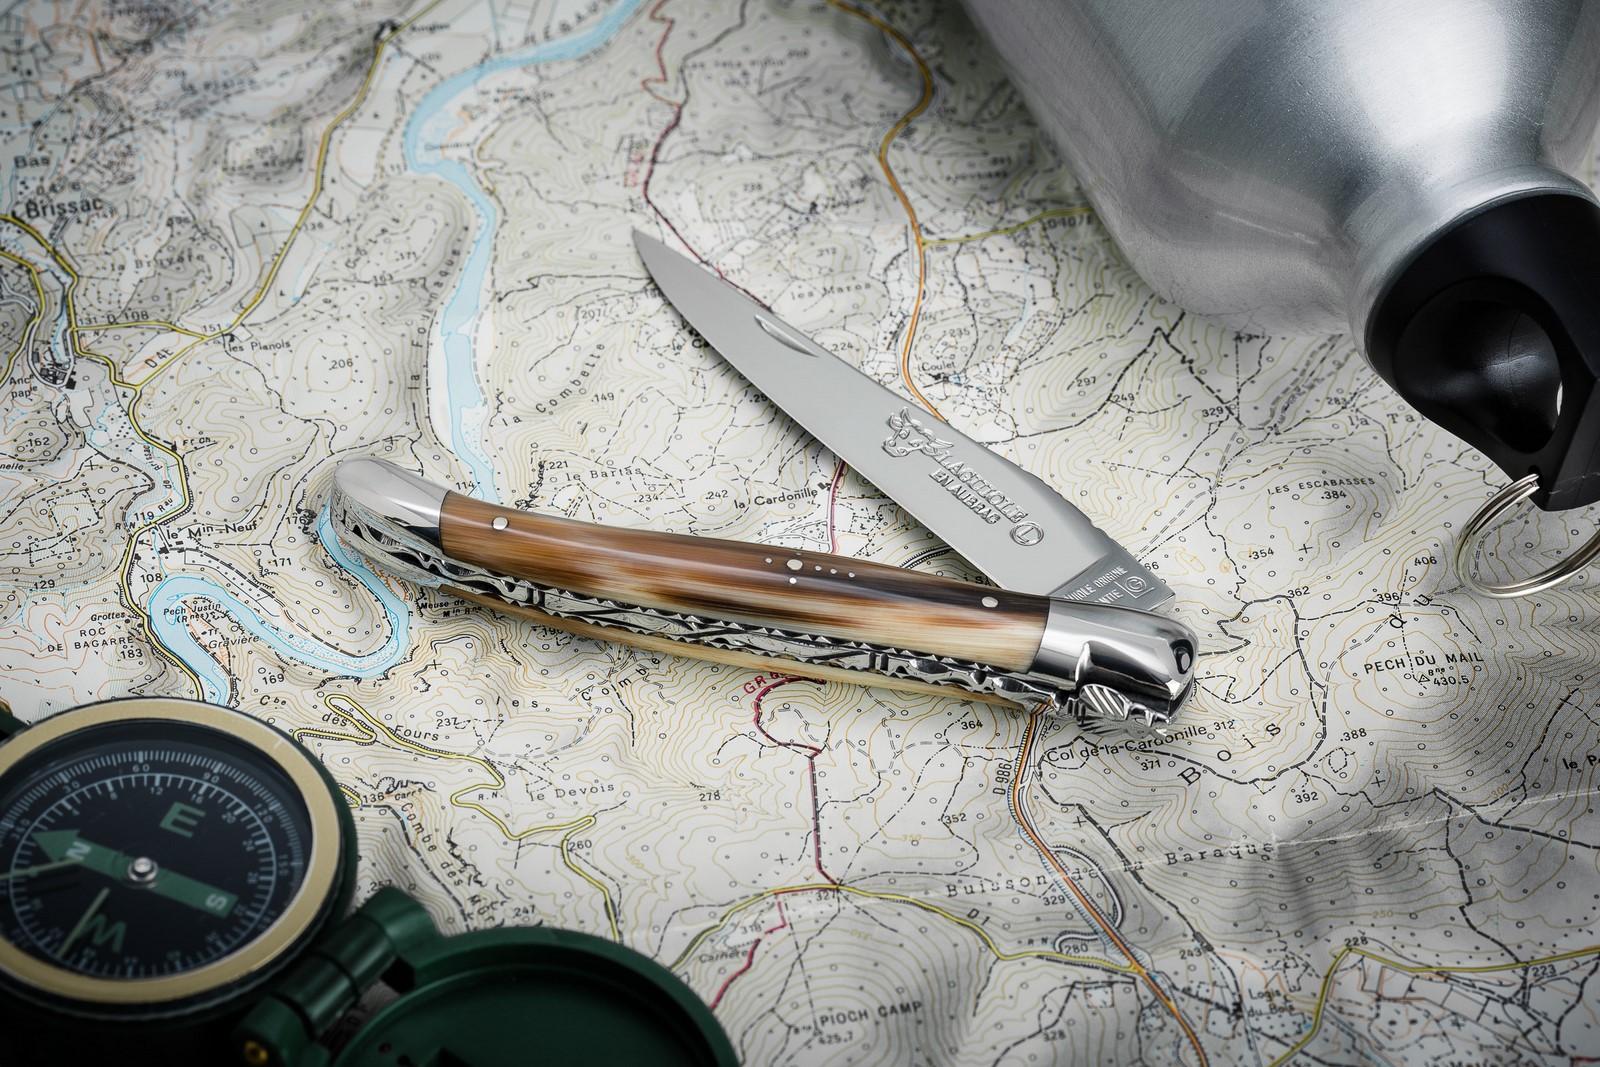 couteaux de poche laguiole